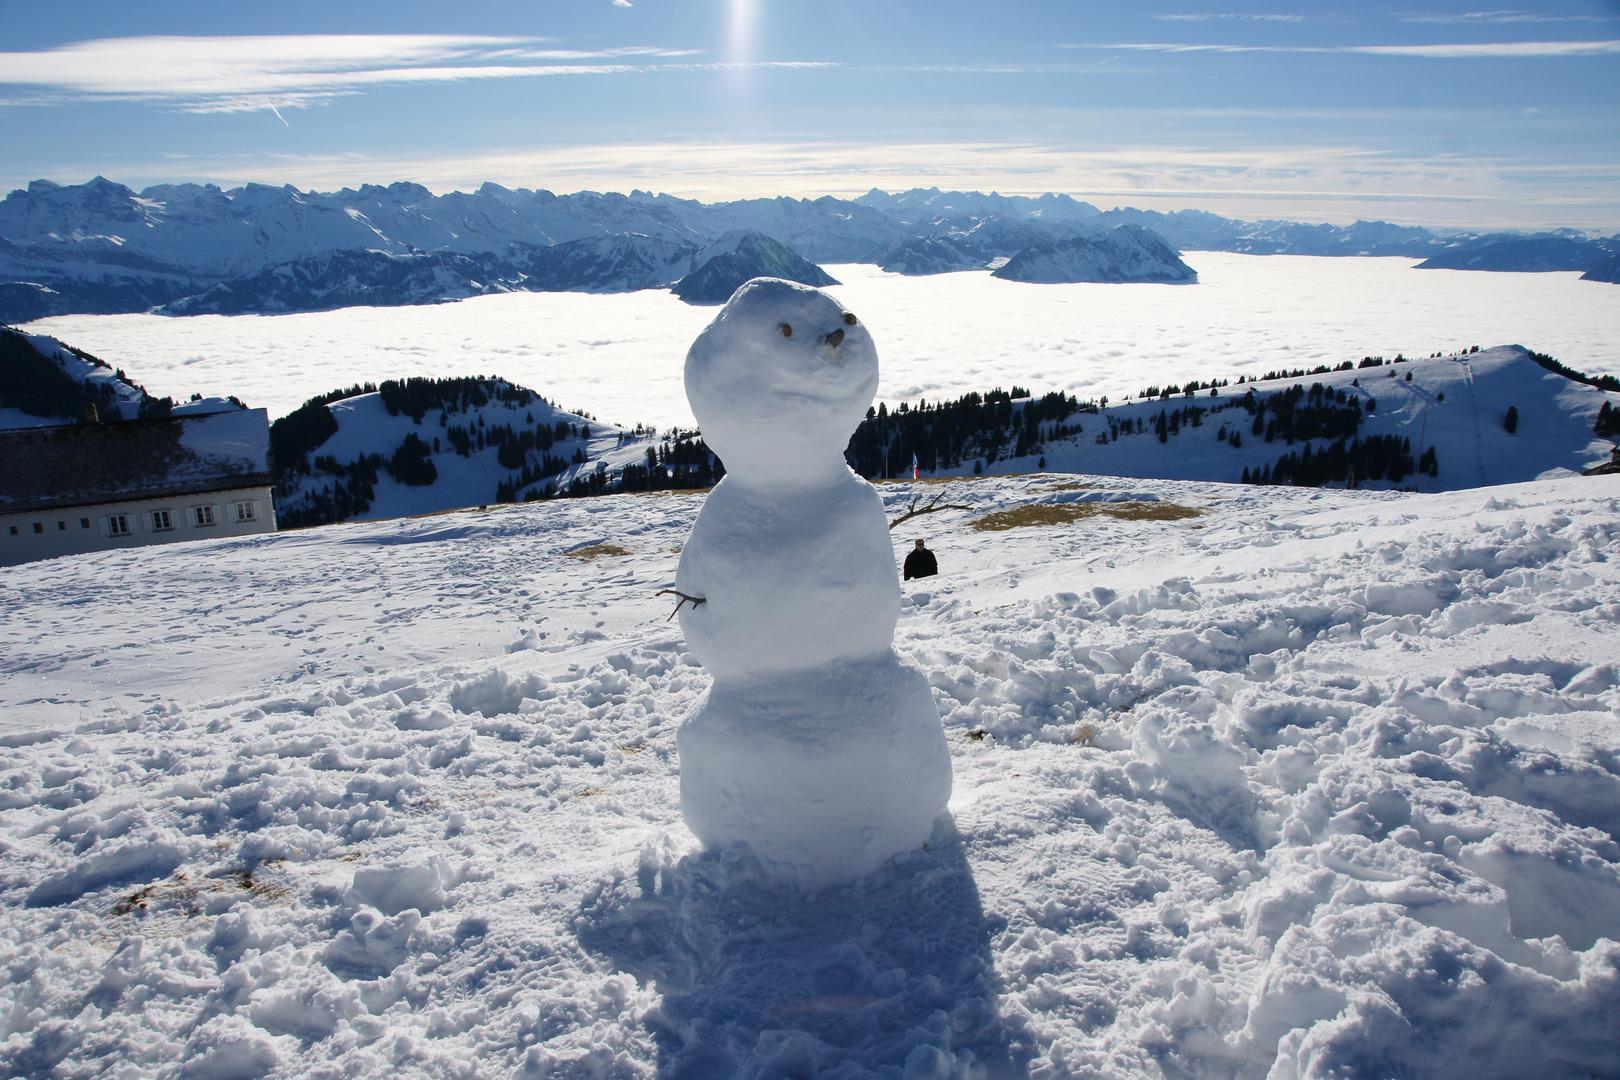 Schneemann in luftiger Höhe